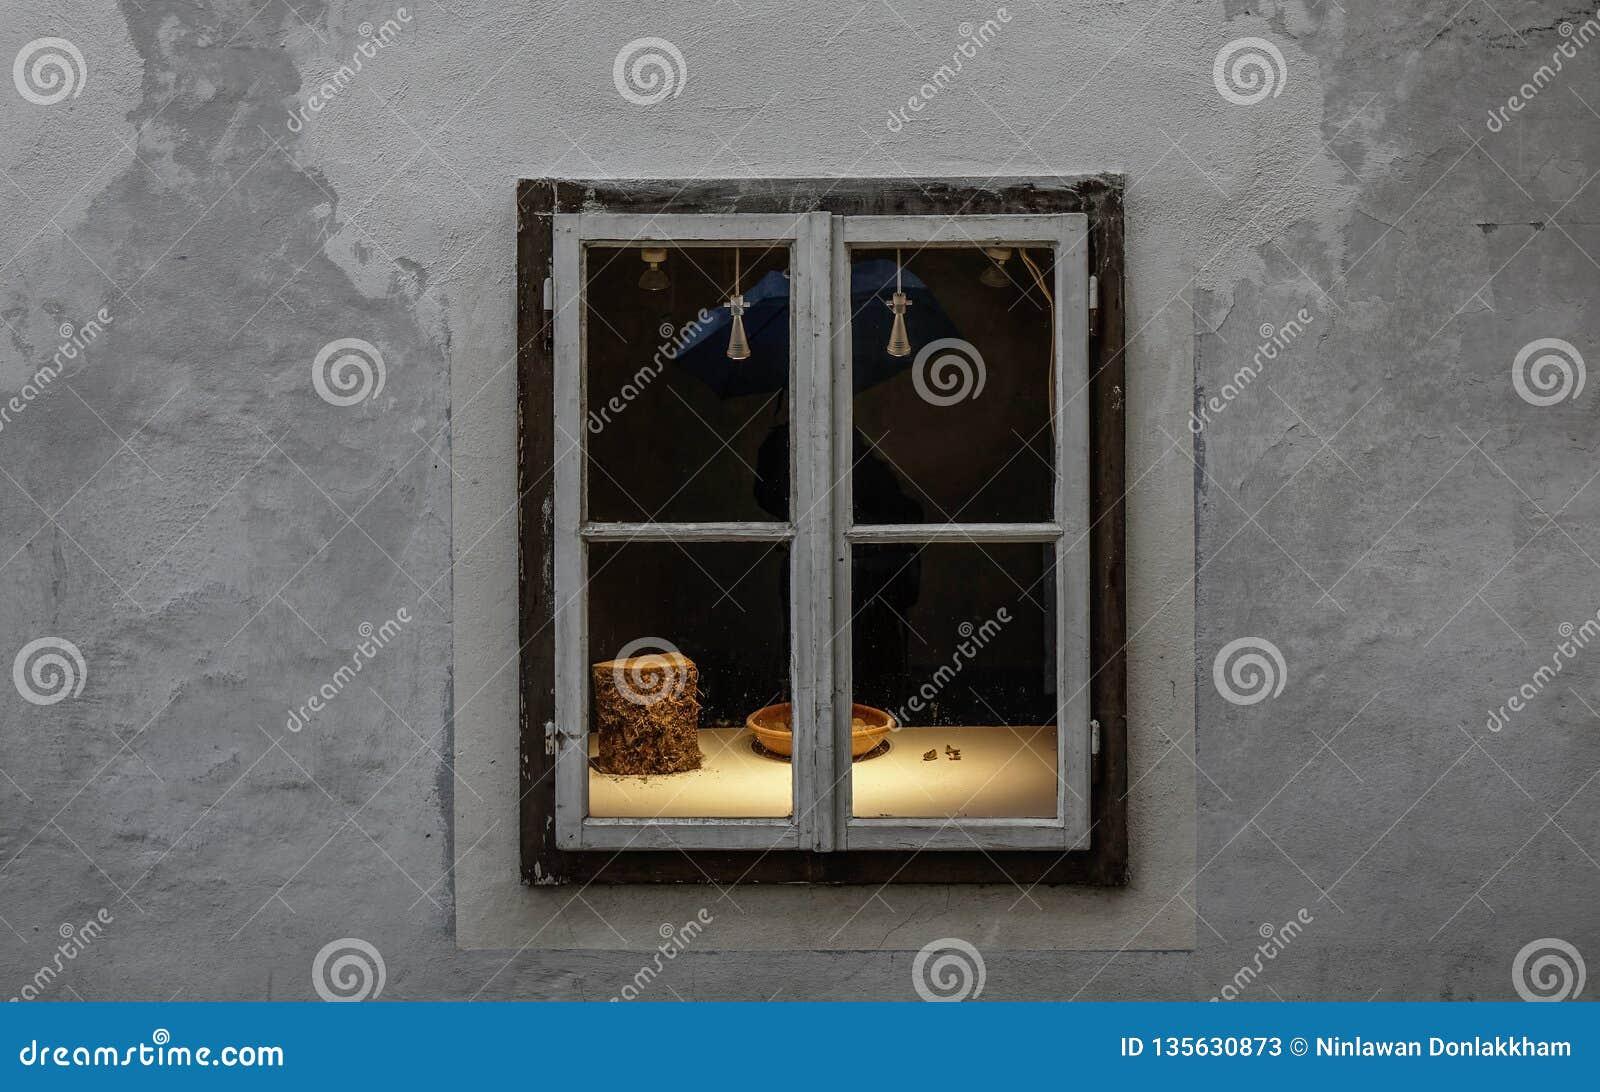 Vintage window of souvenir shop